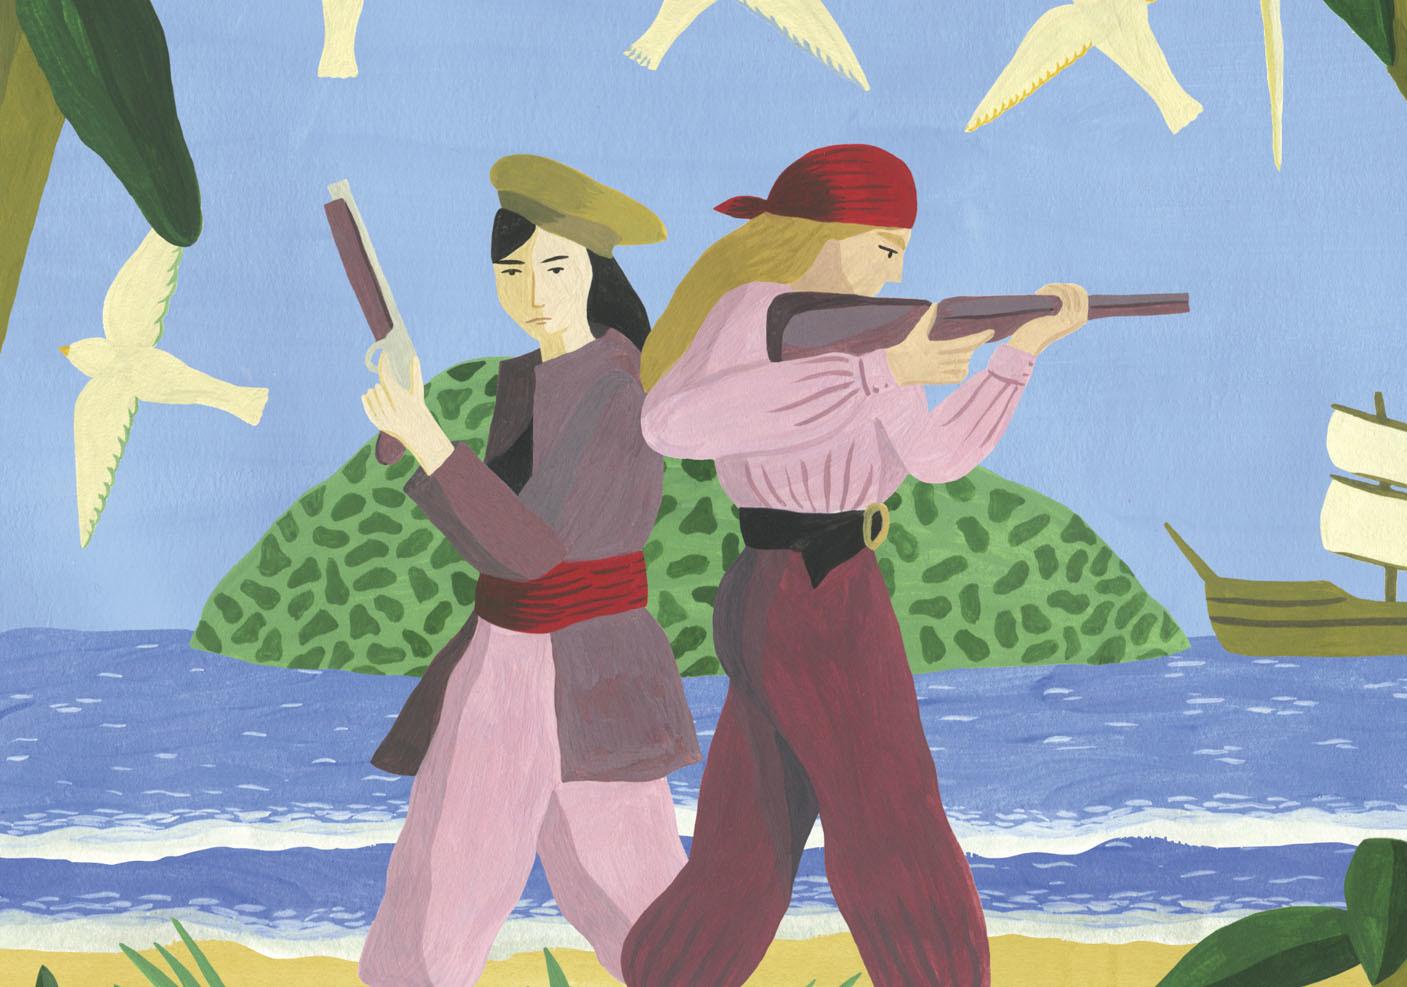 jaeger pirates